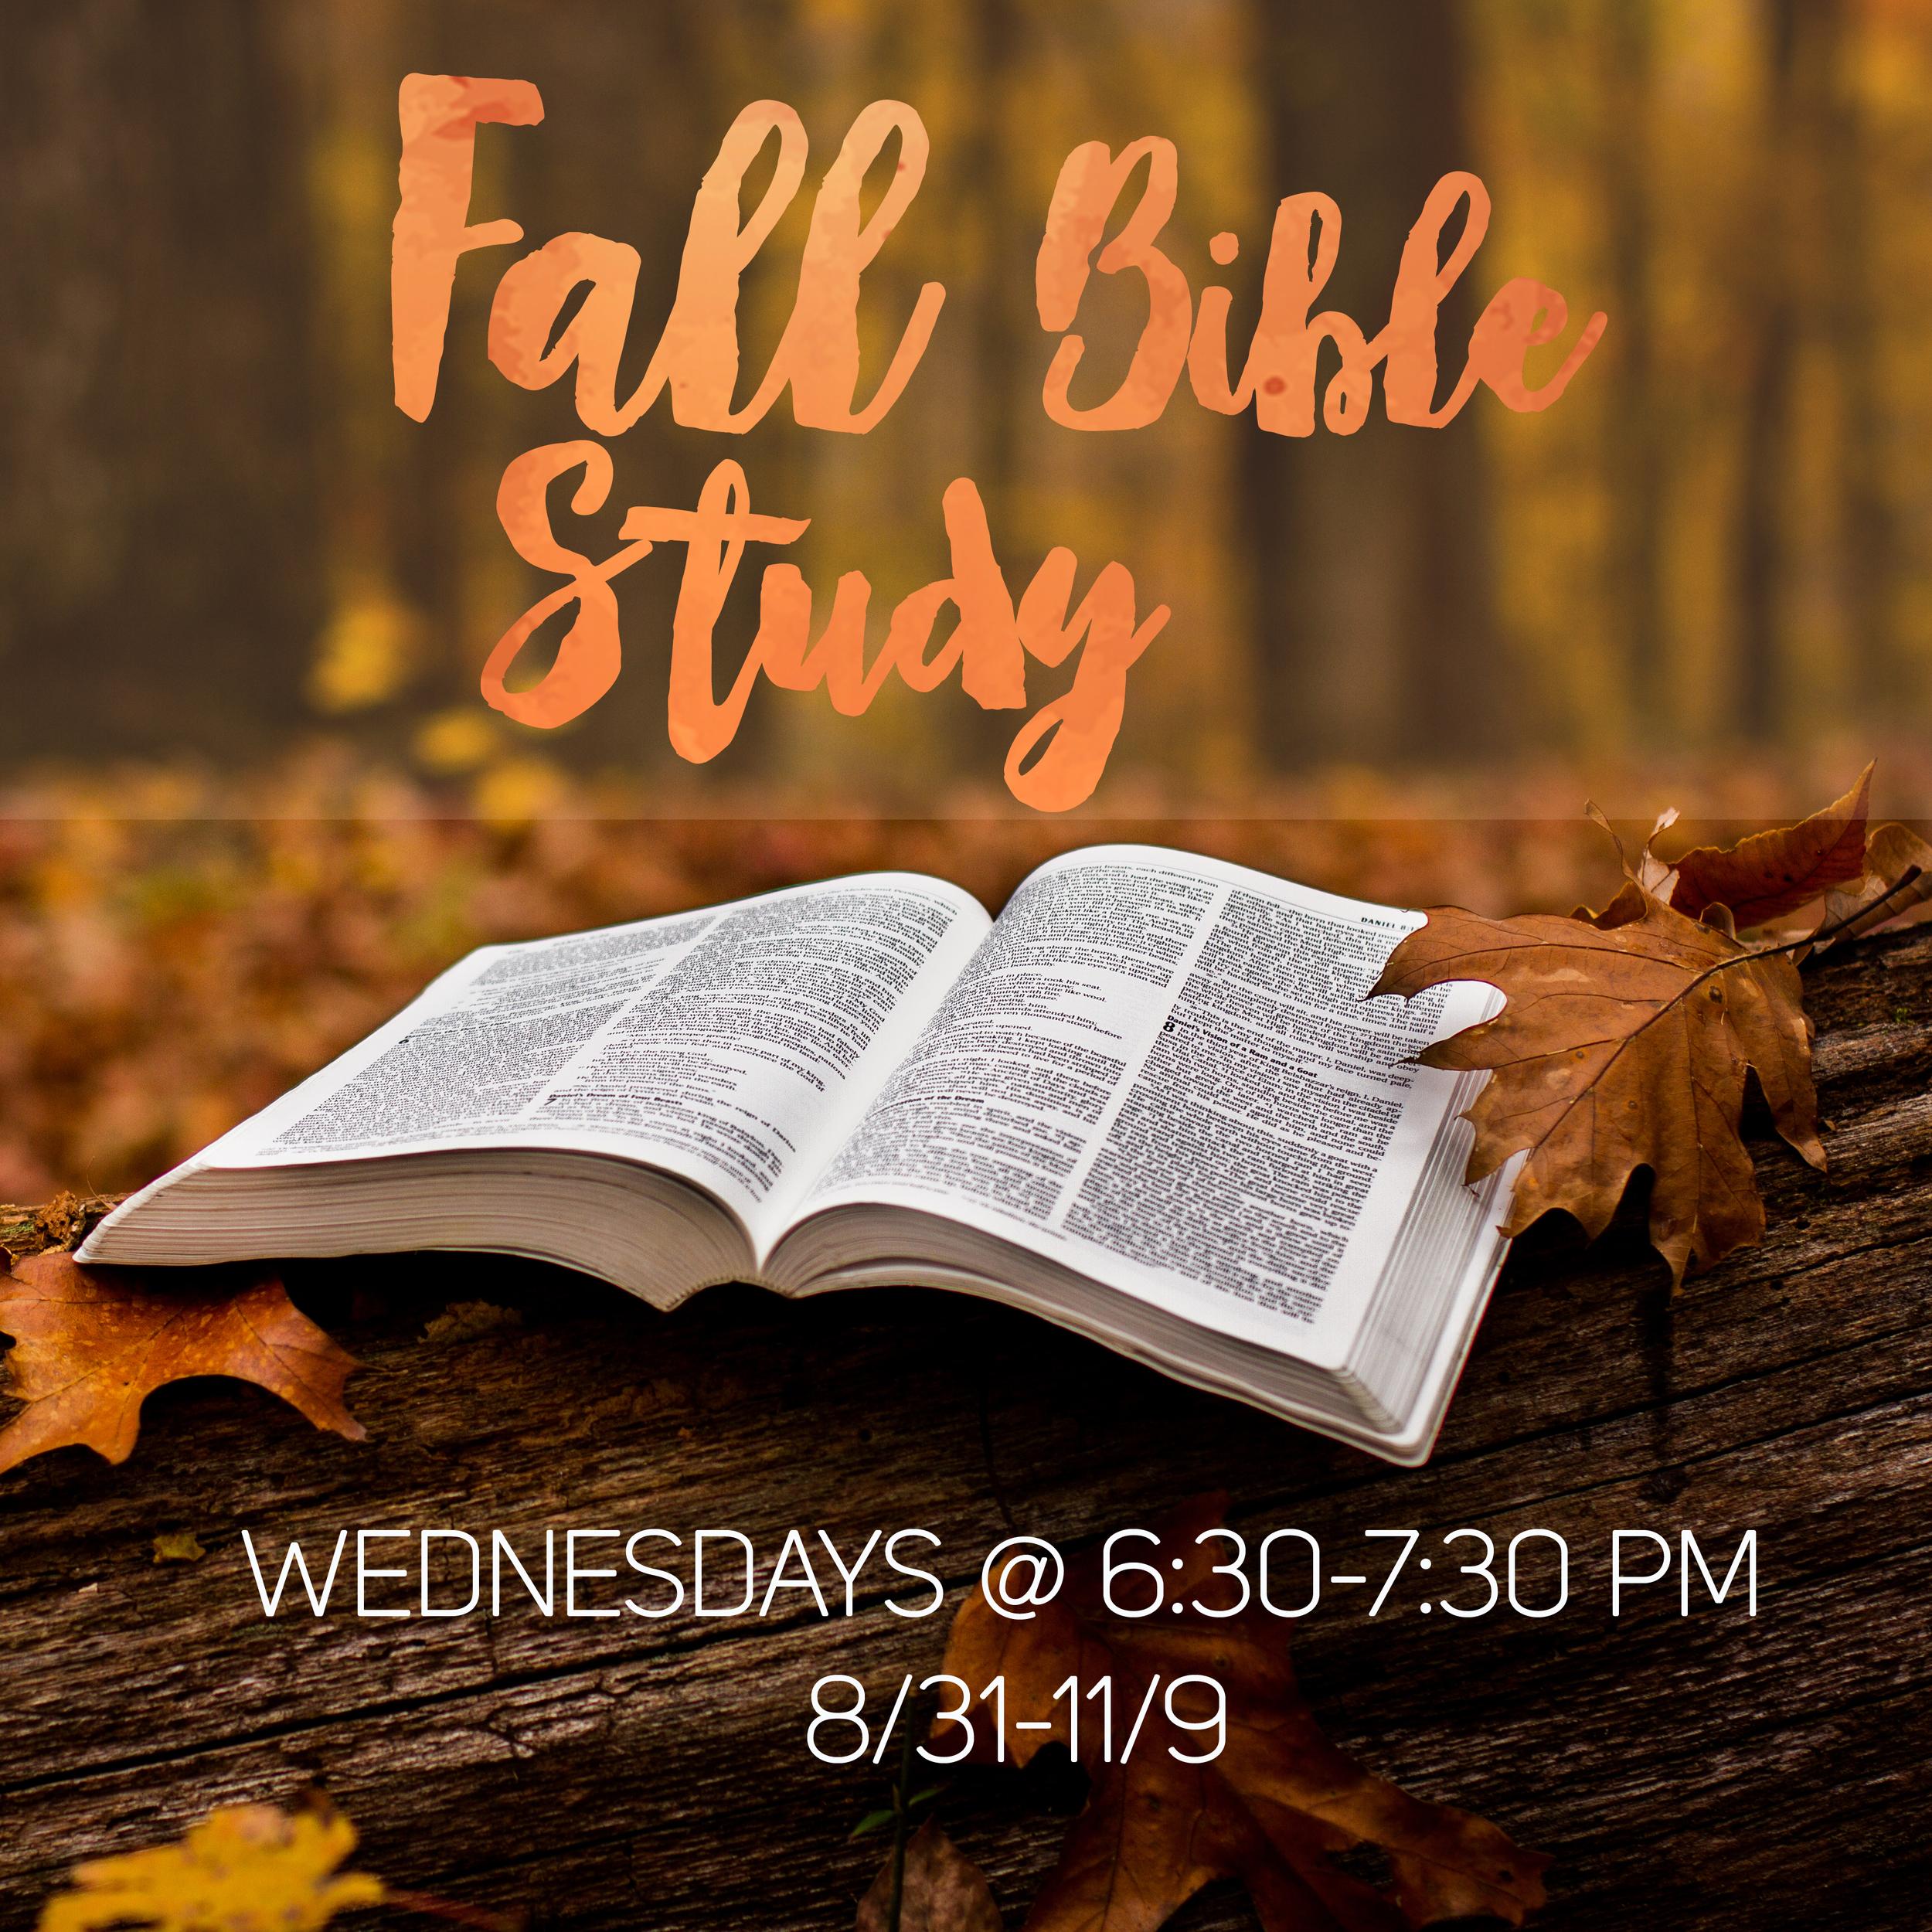 forest hills baptist church raleigh fall bible study